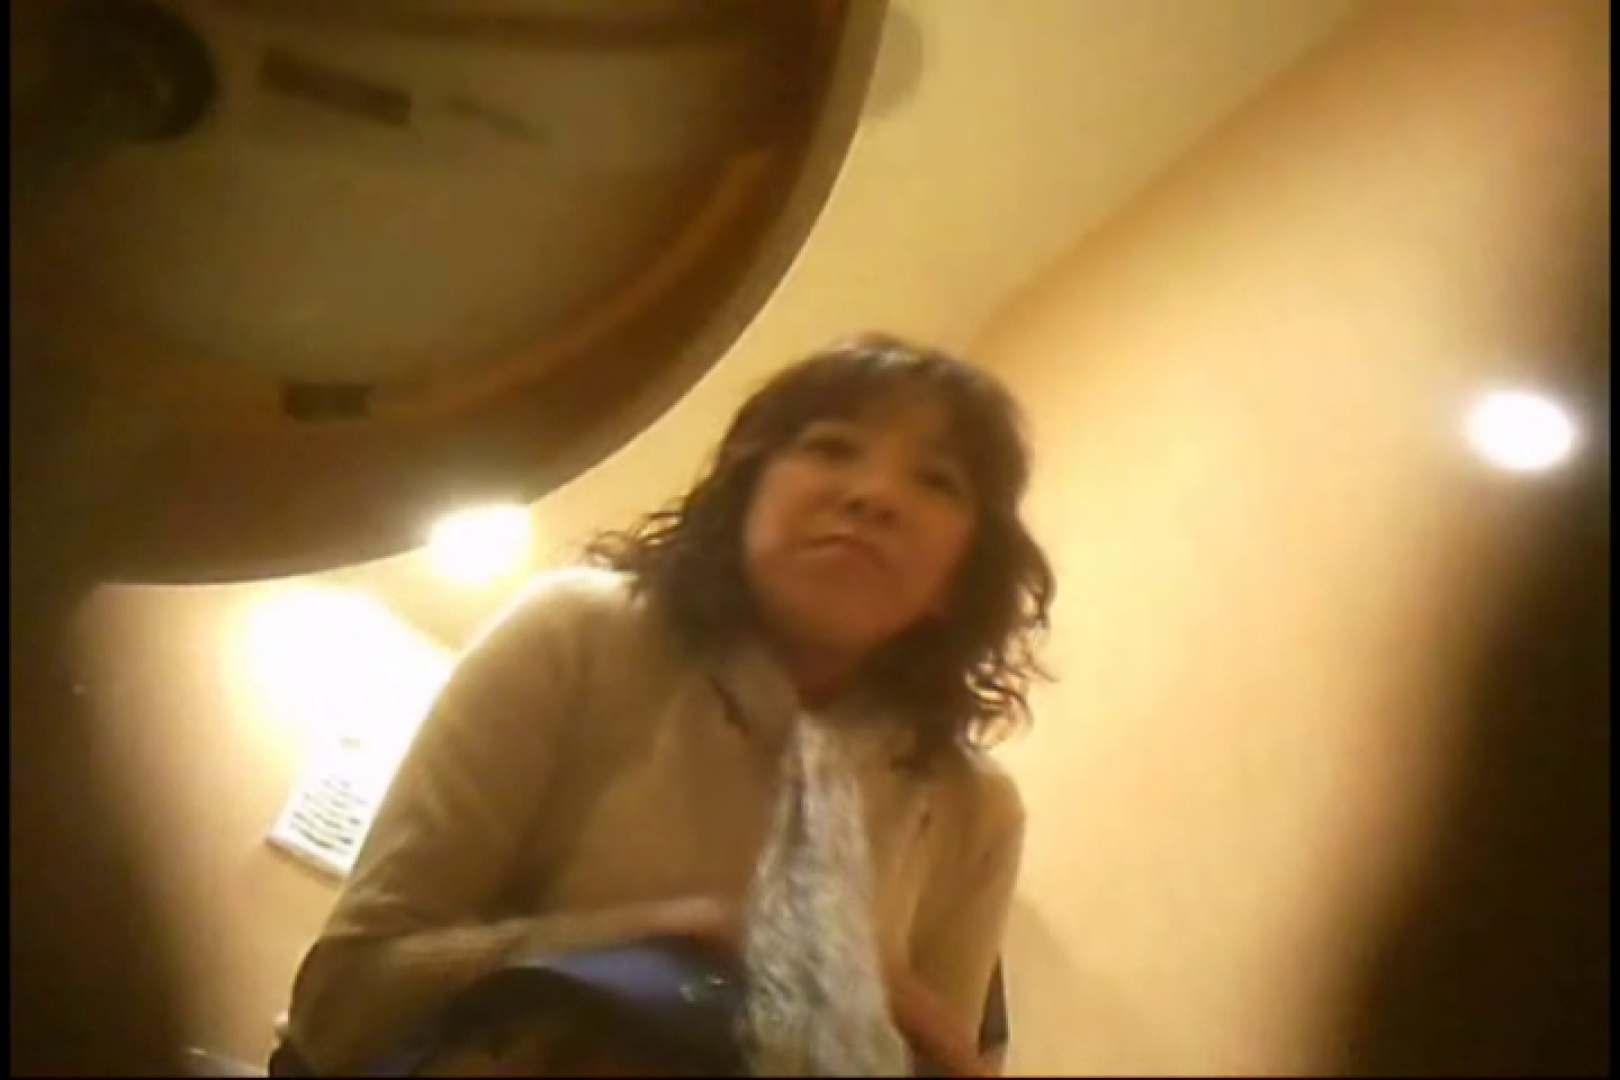 潜入!!女子化粧室盗撮~絶対見られたくない時間~vo,95 熟女のエロ動画 セックス画像 75PIX 7